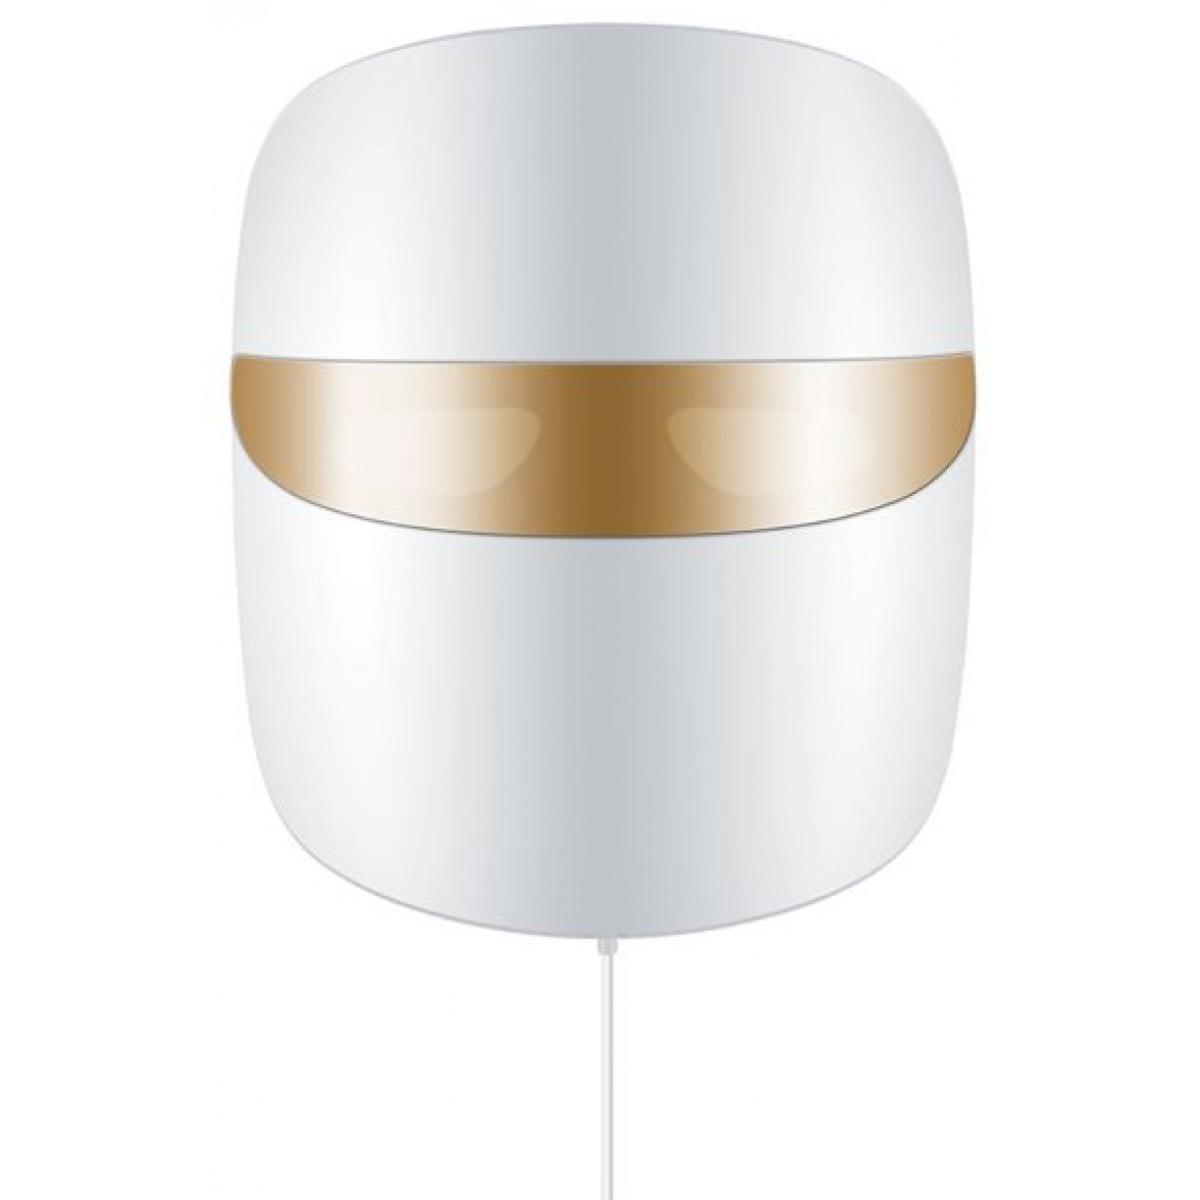 LG 光學淨白緊緻面罩 BWL1